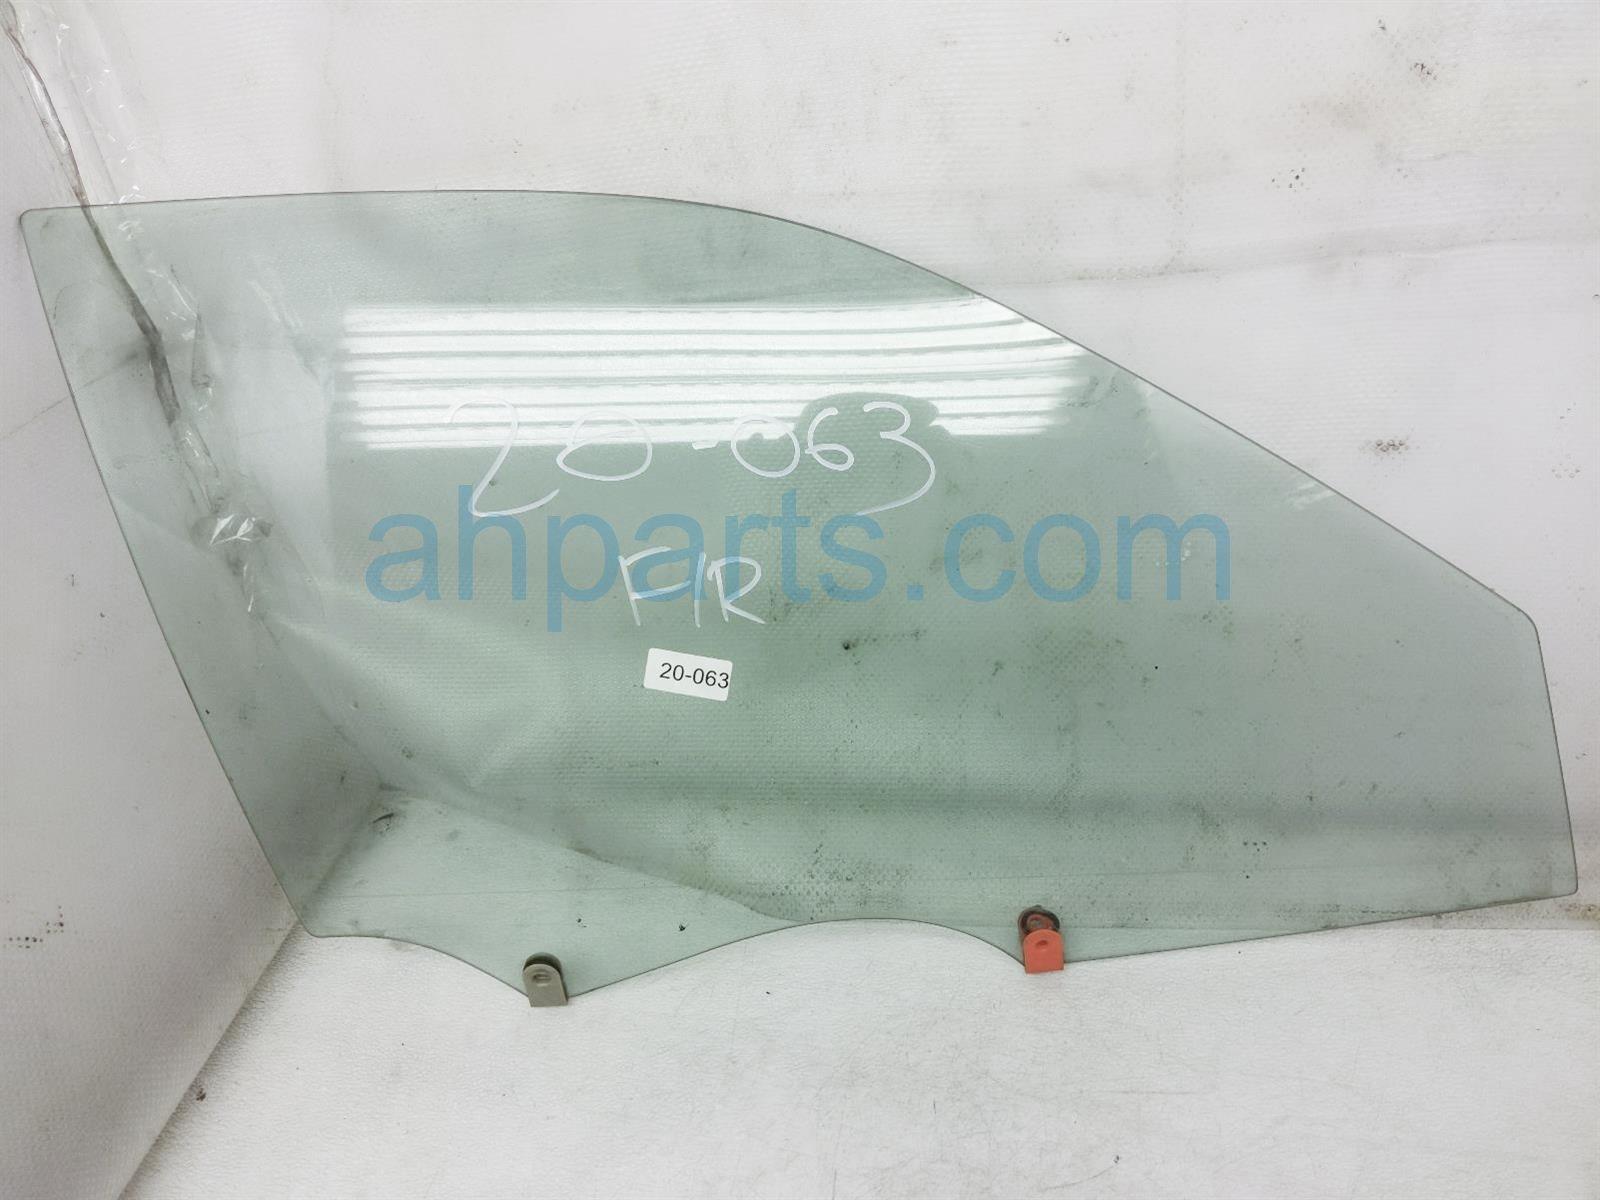 2001 Toyota Camry Front Passenger Door Glass Window 68111 AA031 83 Replacement